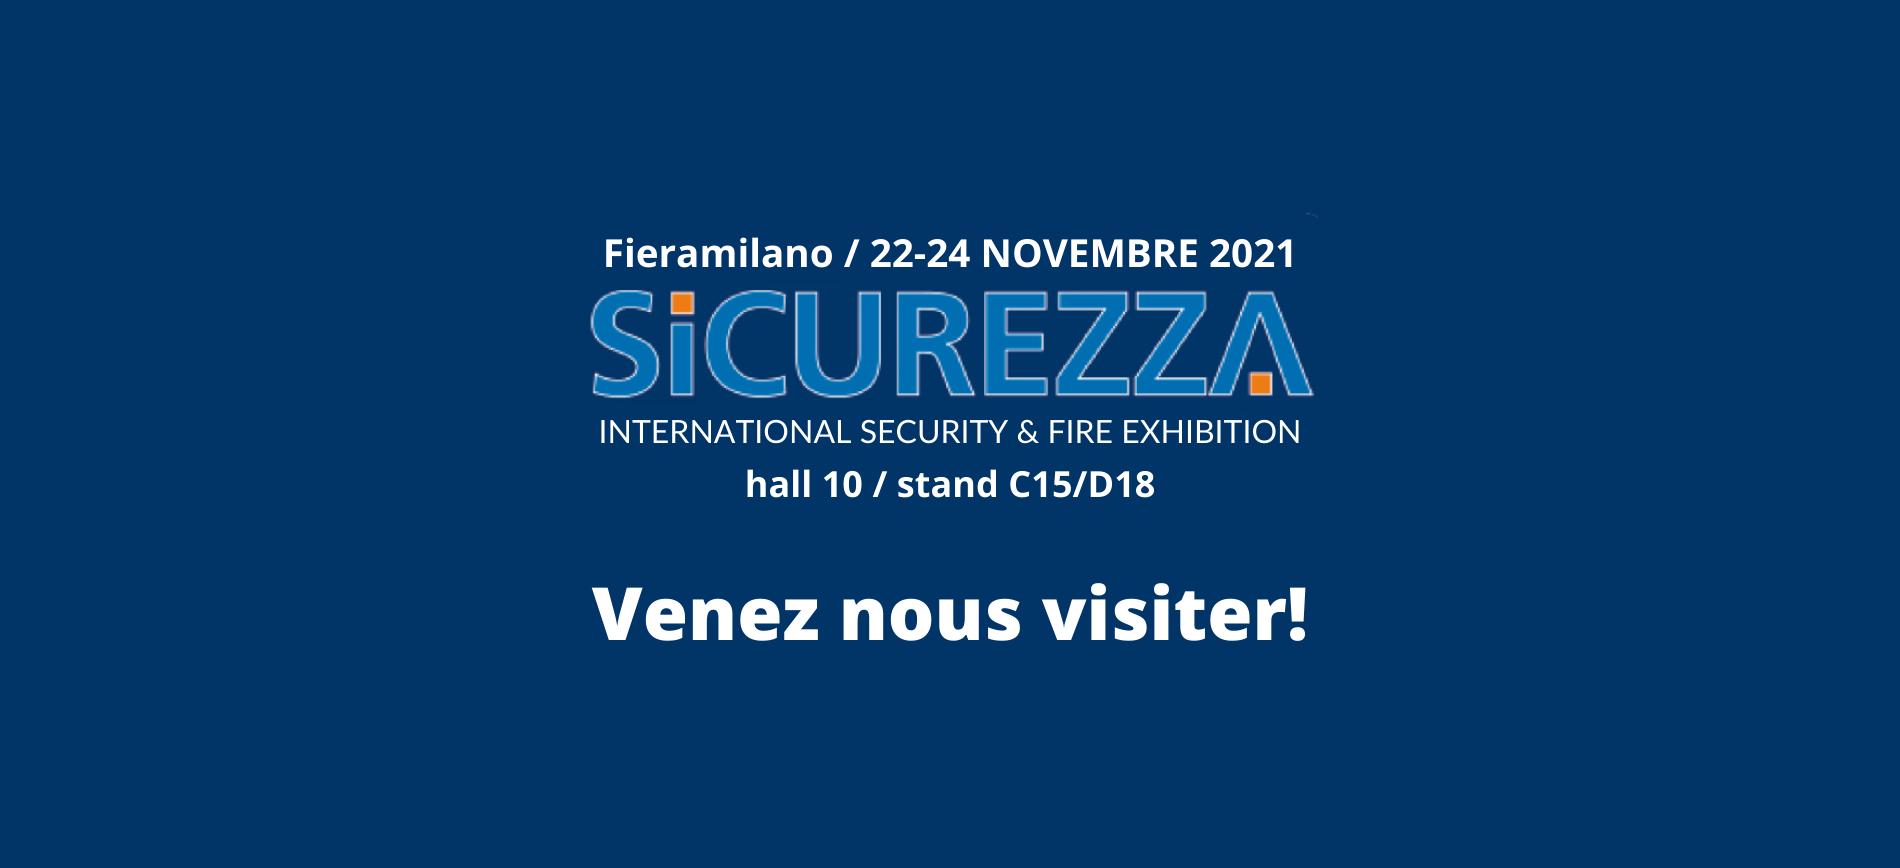 Venez nous visiter à FIERA SICUREZZA!